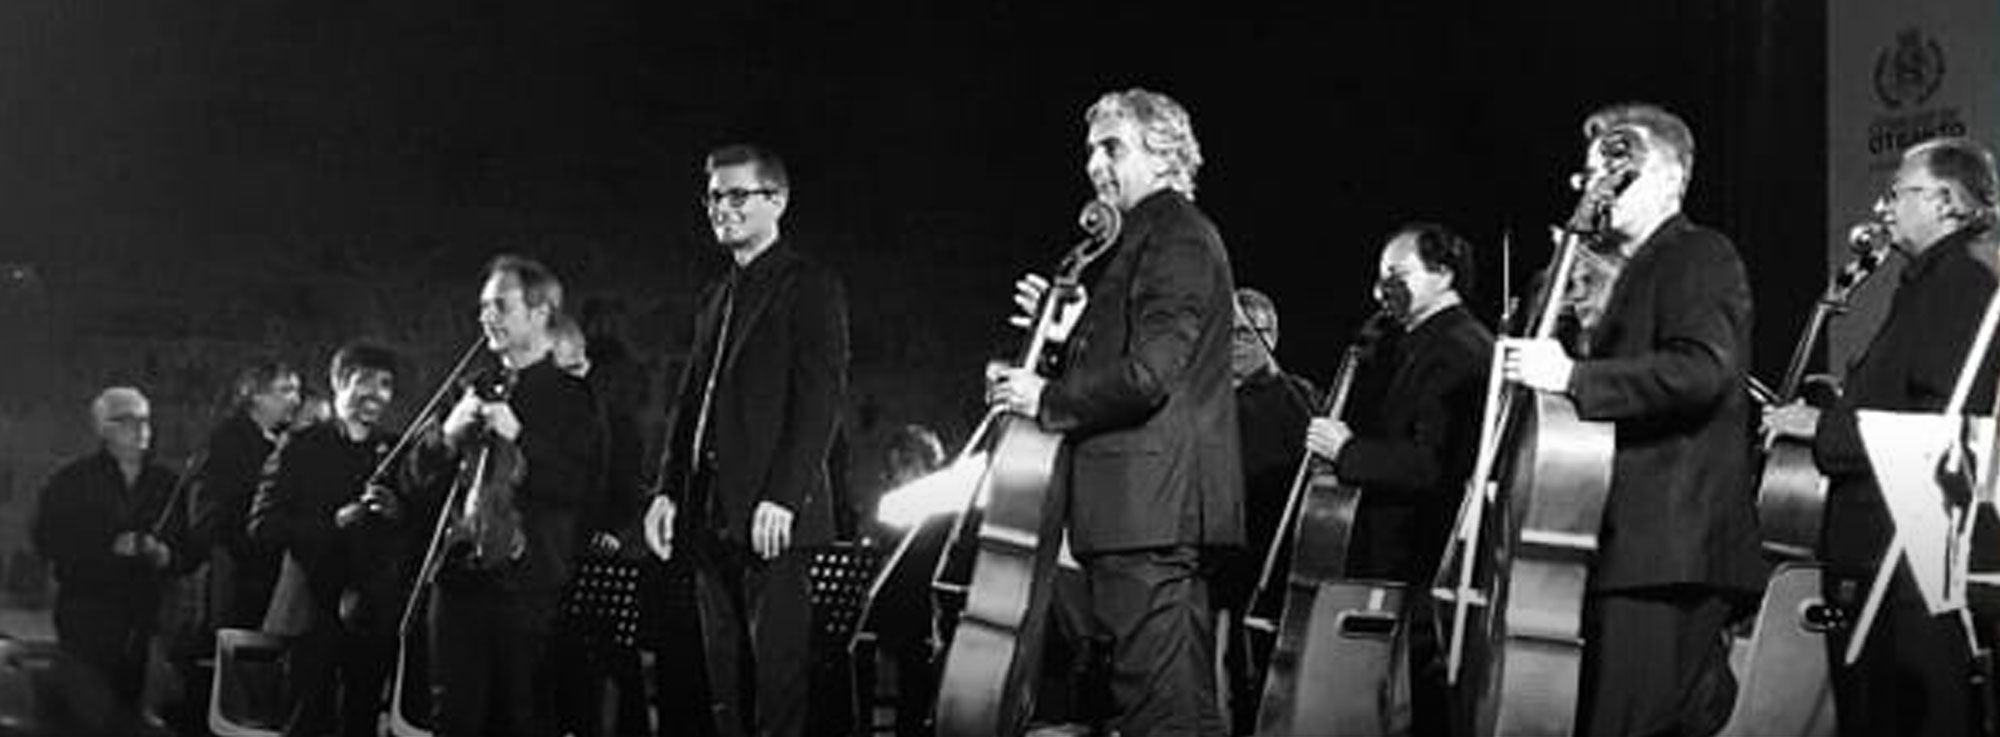 Cerignola: Orchestra Sinfonica di Lecce al Teatro Mercadante